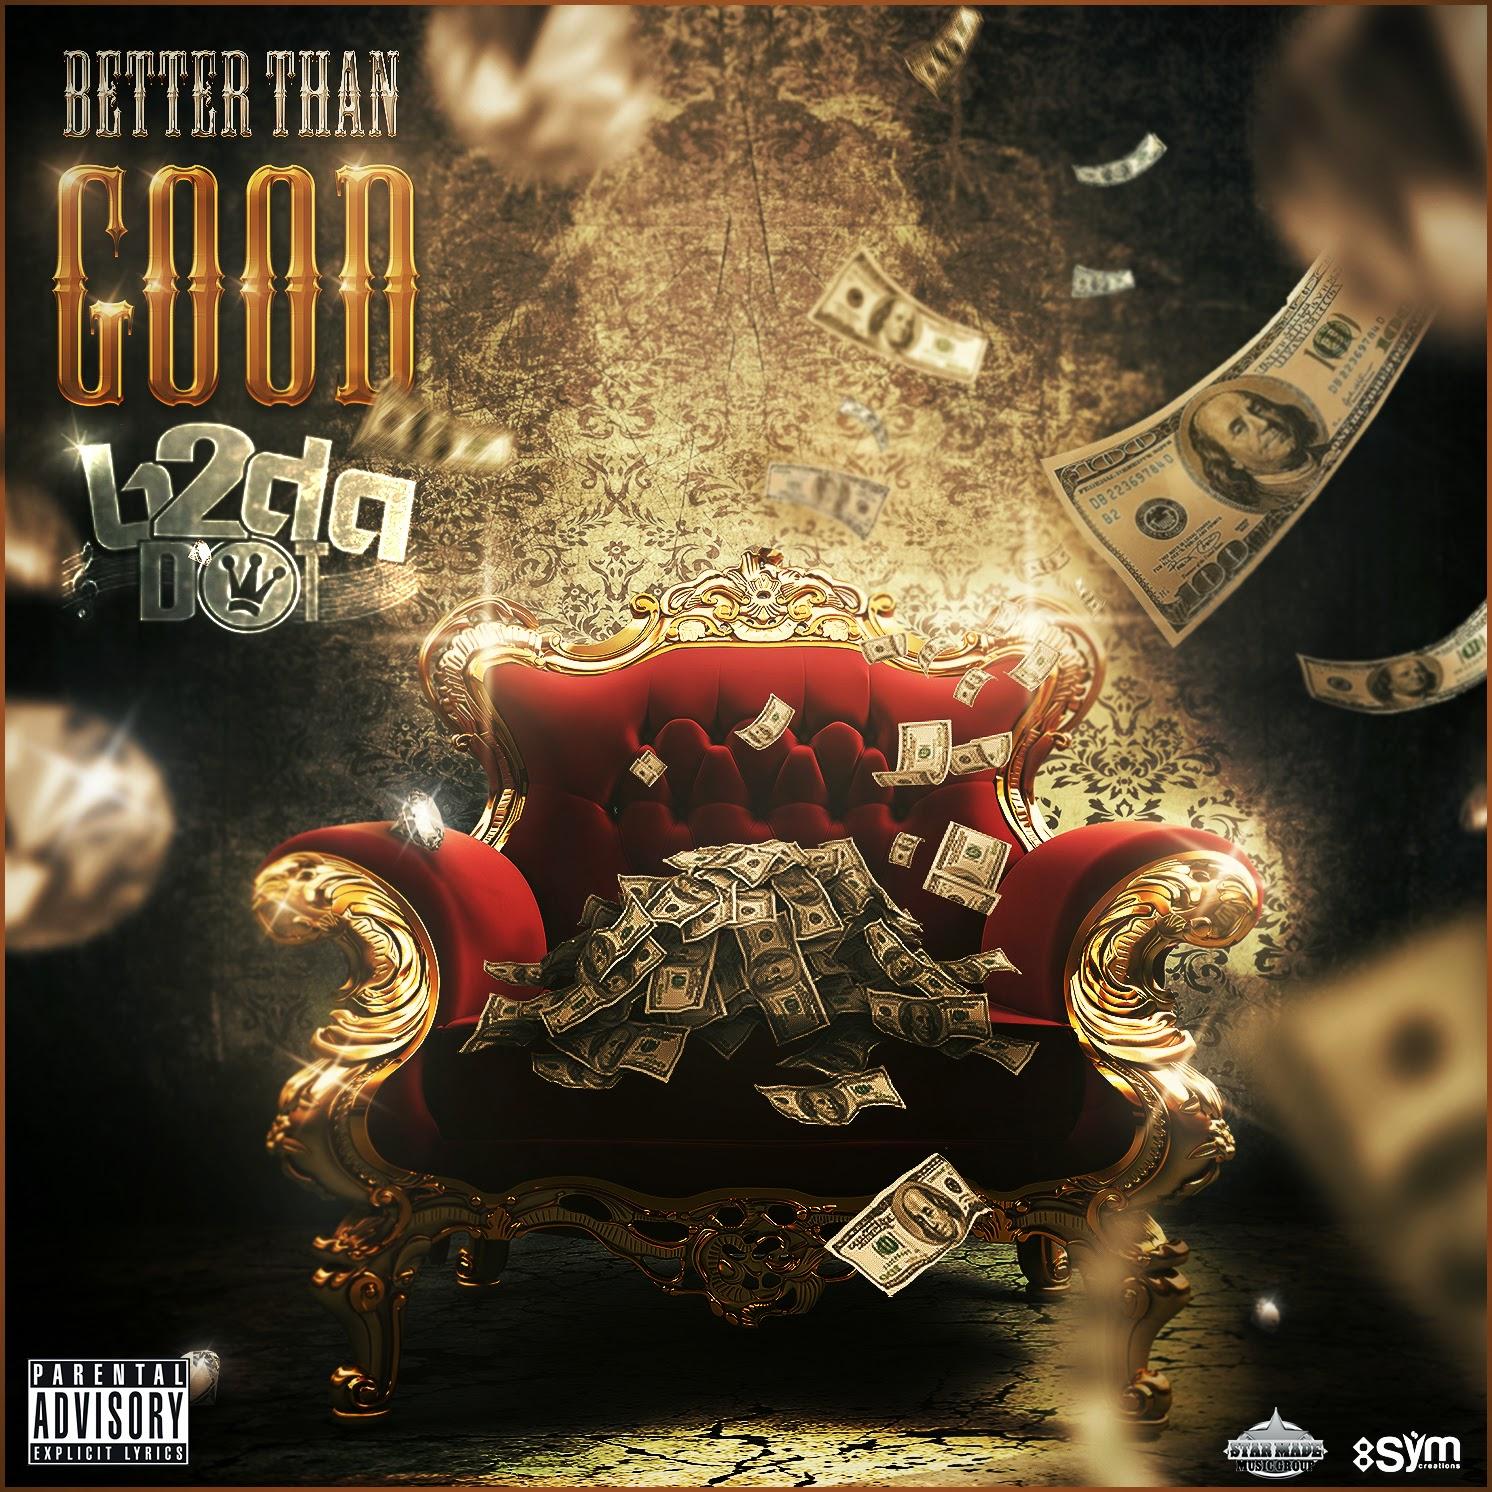 B2DaDot - Be A Man (Single Review)